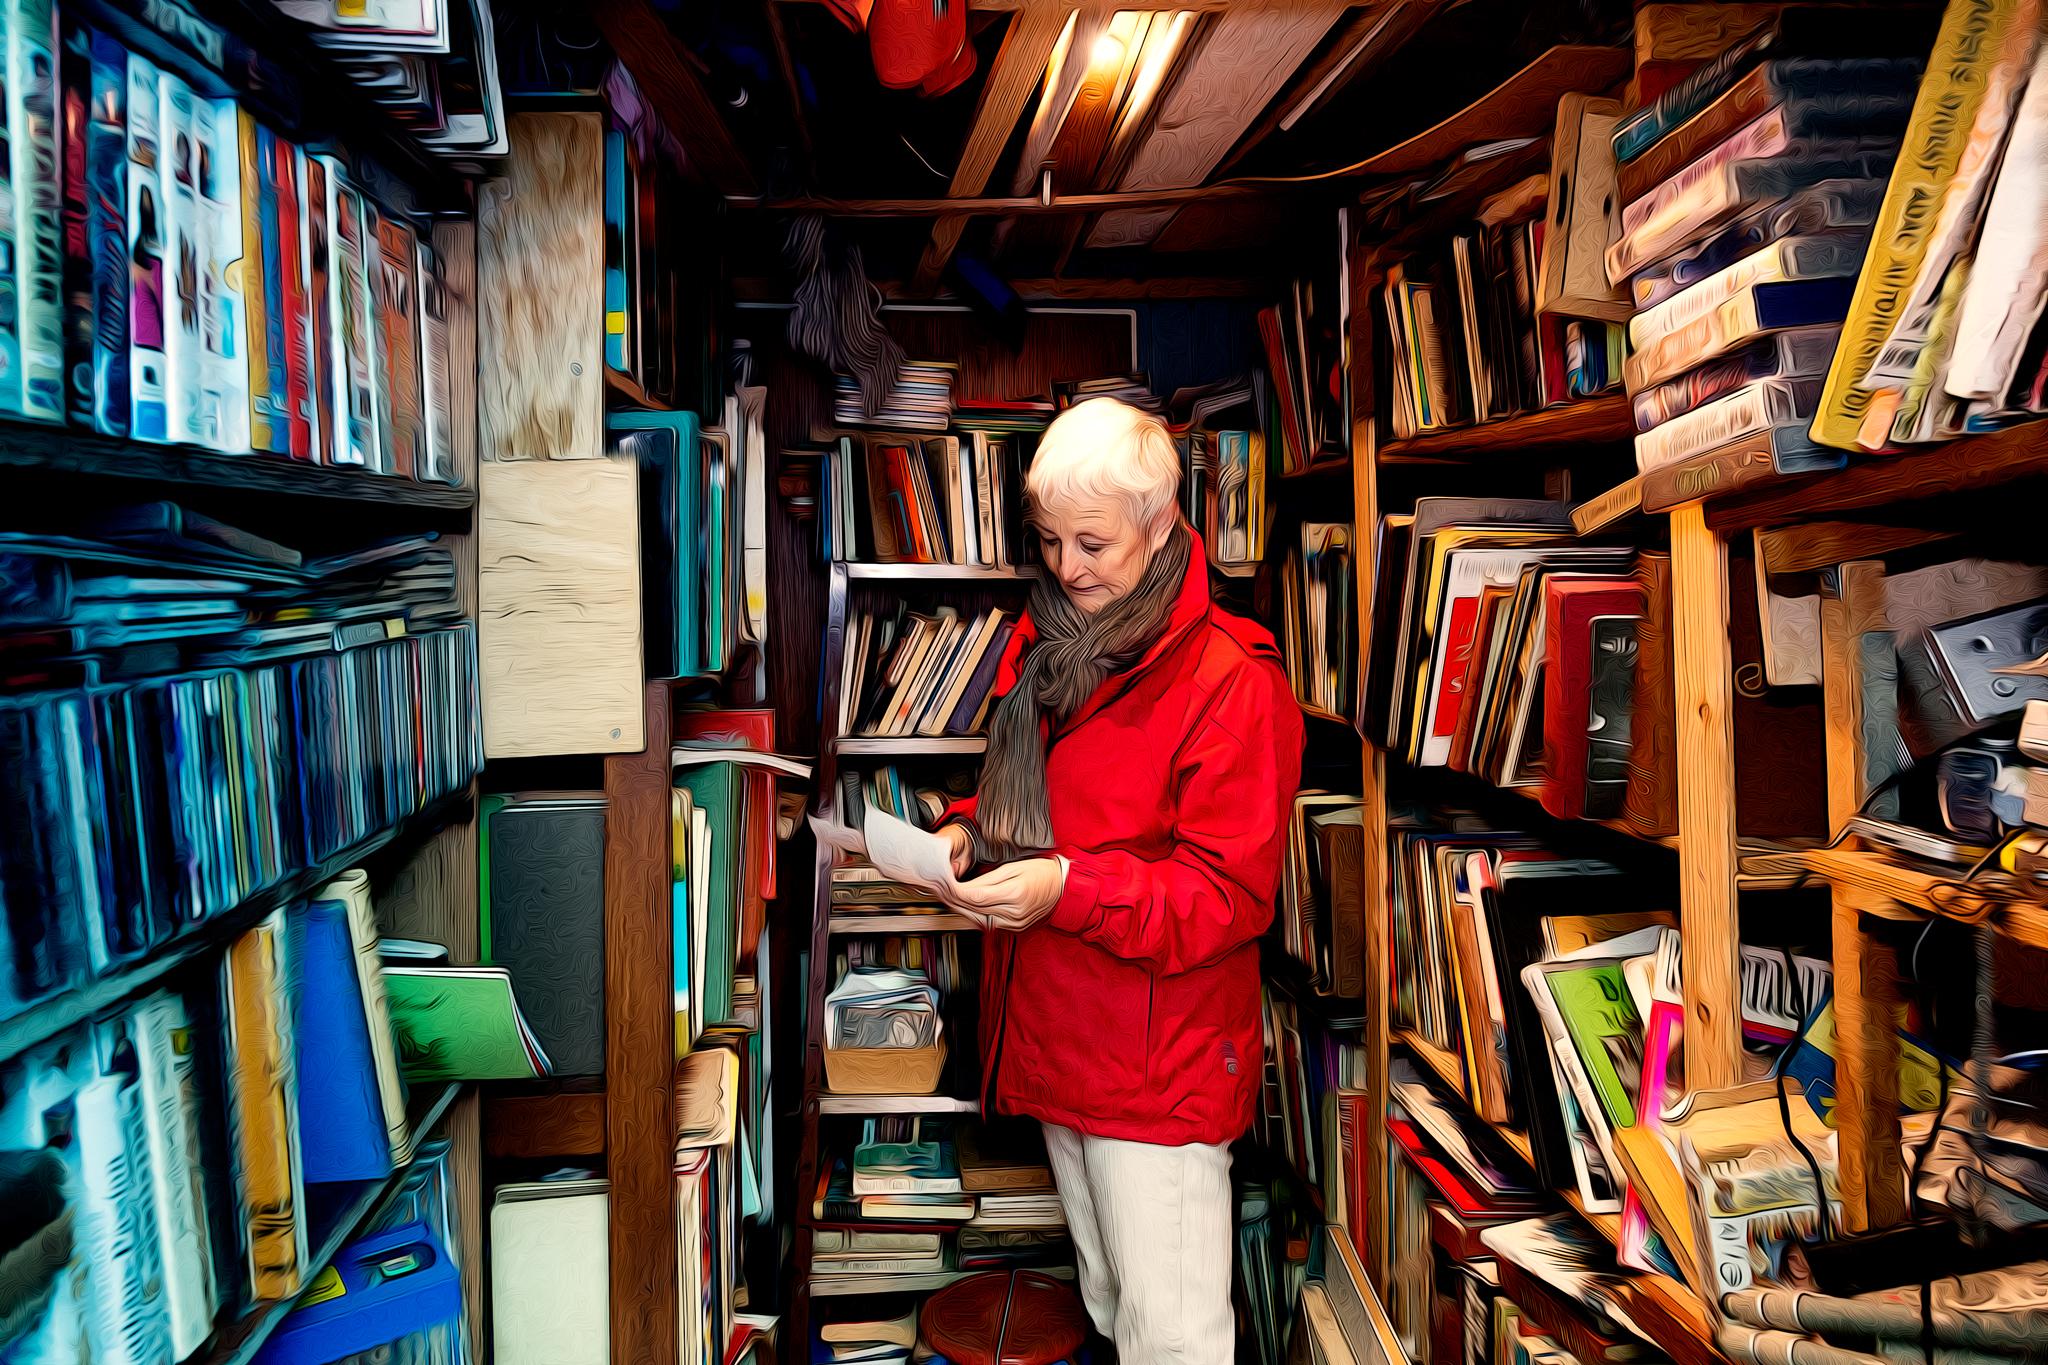 Was suchte Hüldinez im kleinsten Buchladen der Gegend?